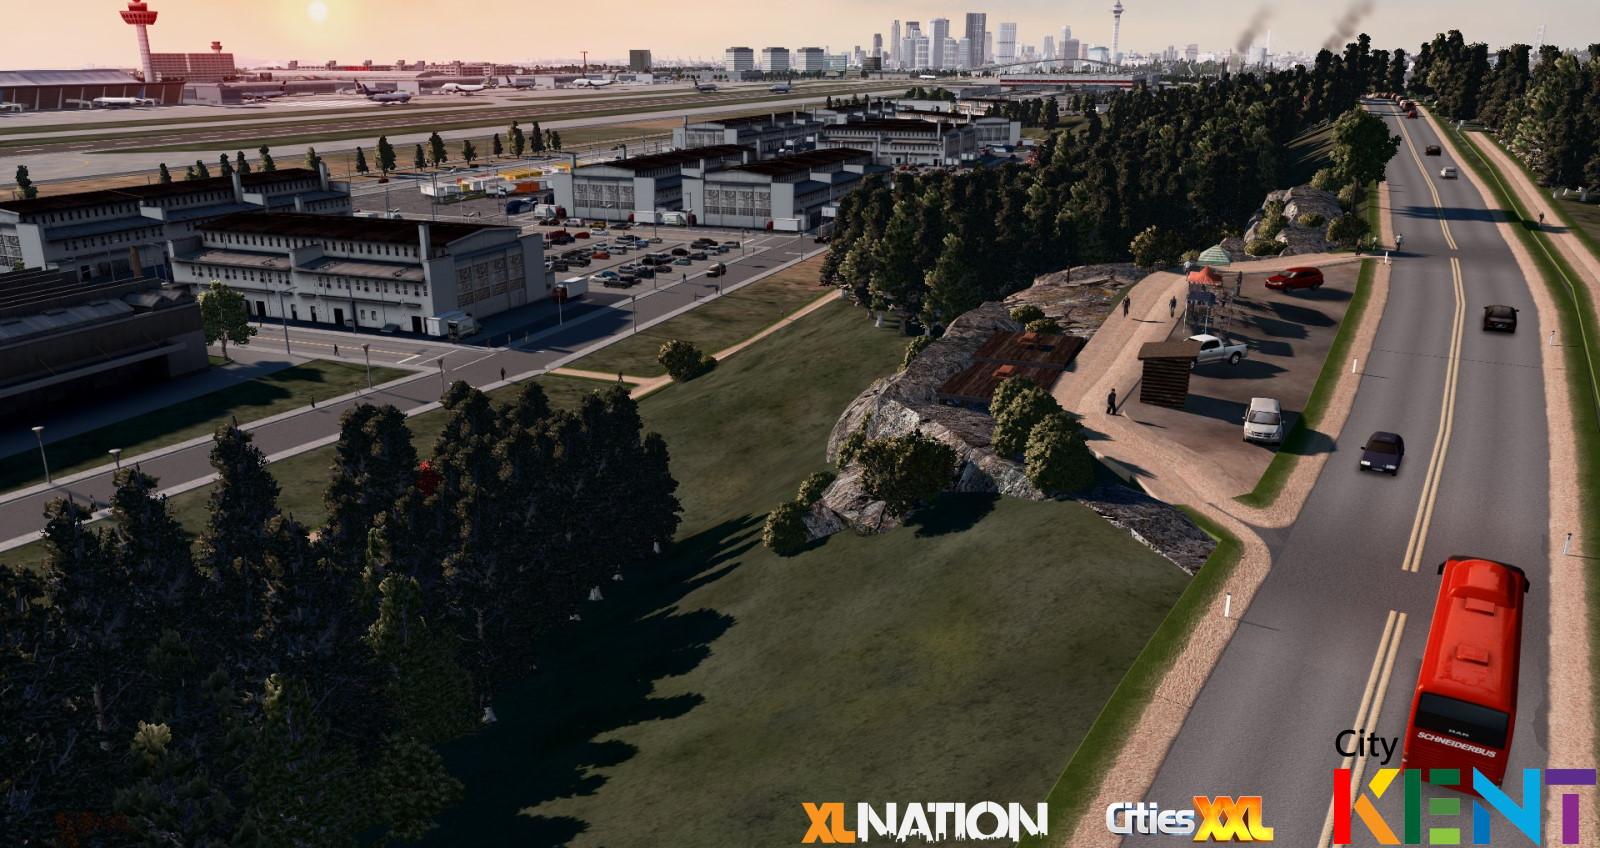 [Cities XXL] Kent - Page 3 Penn_v16